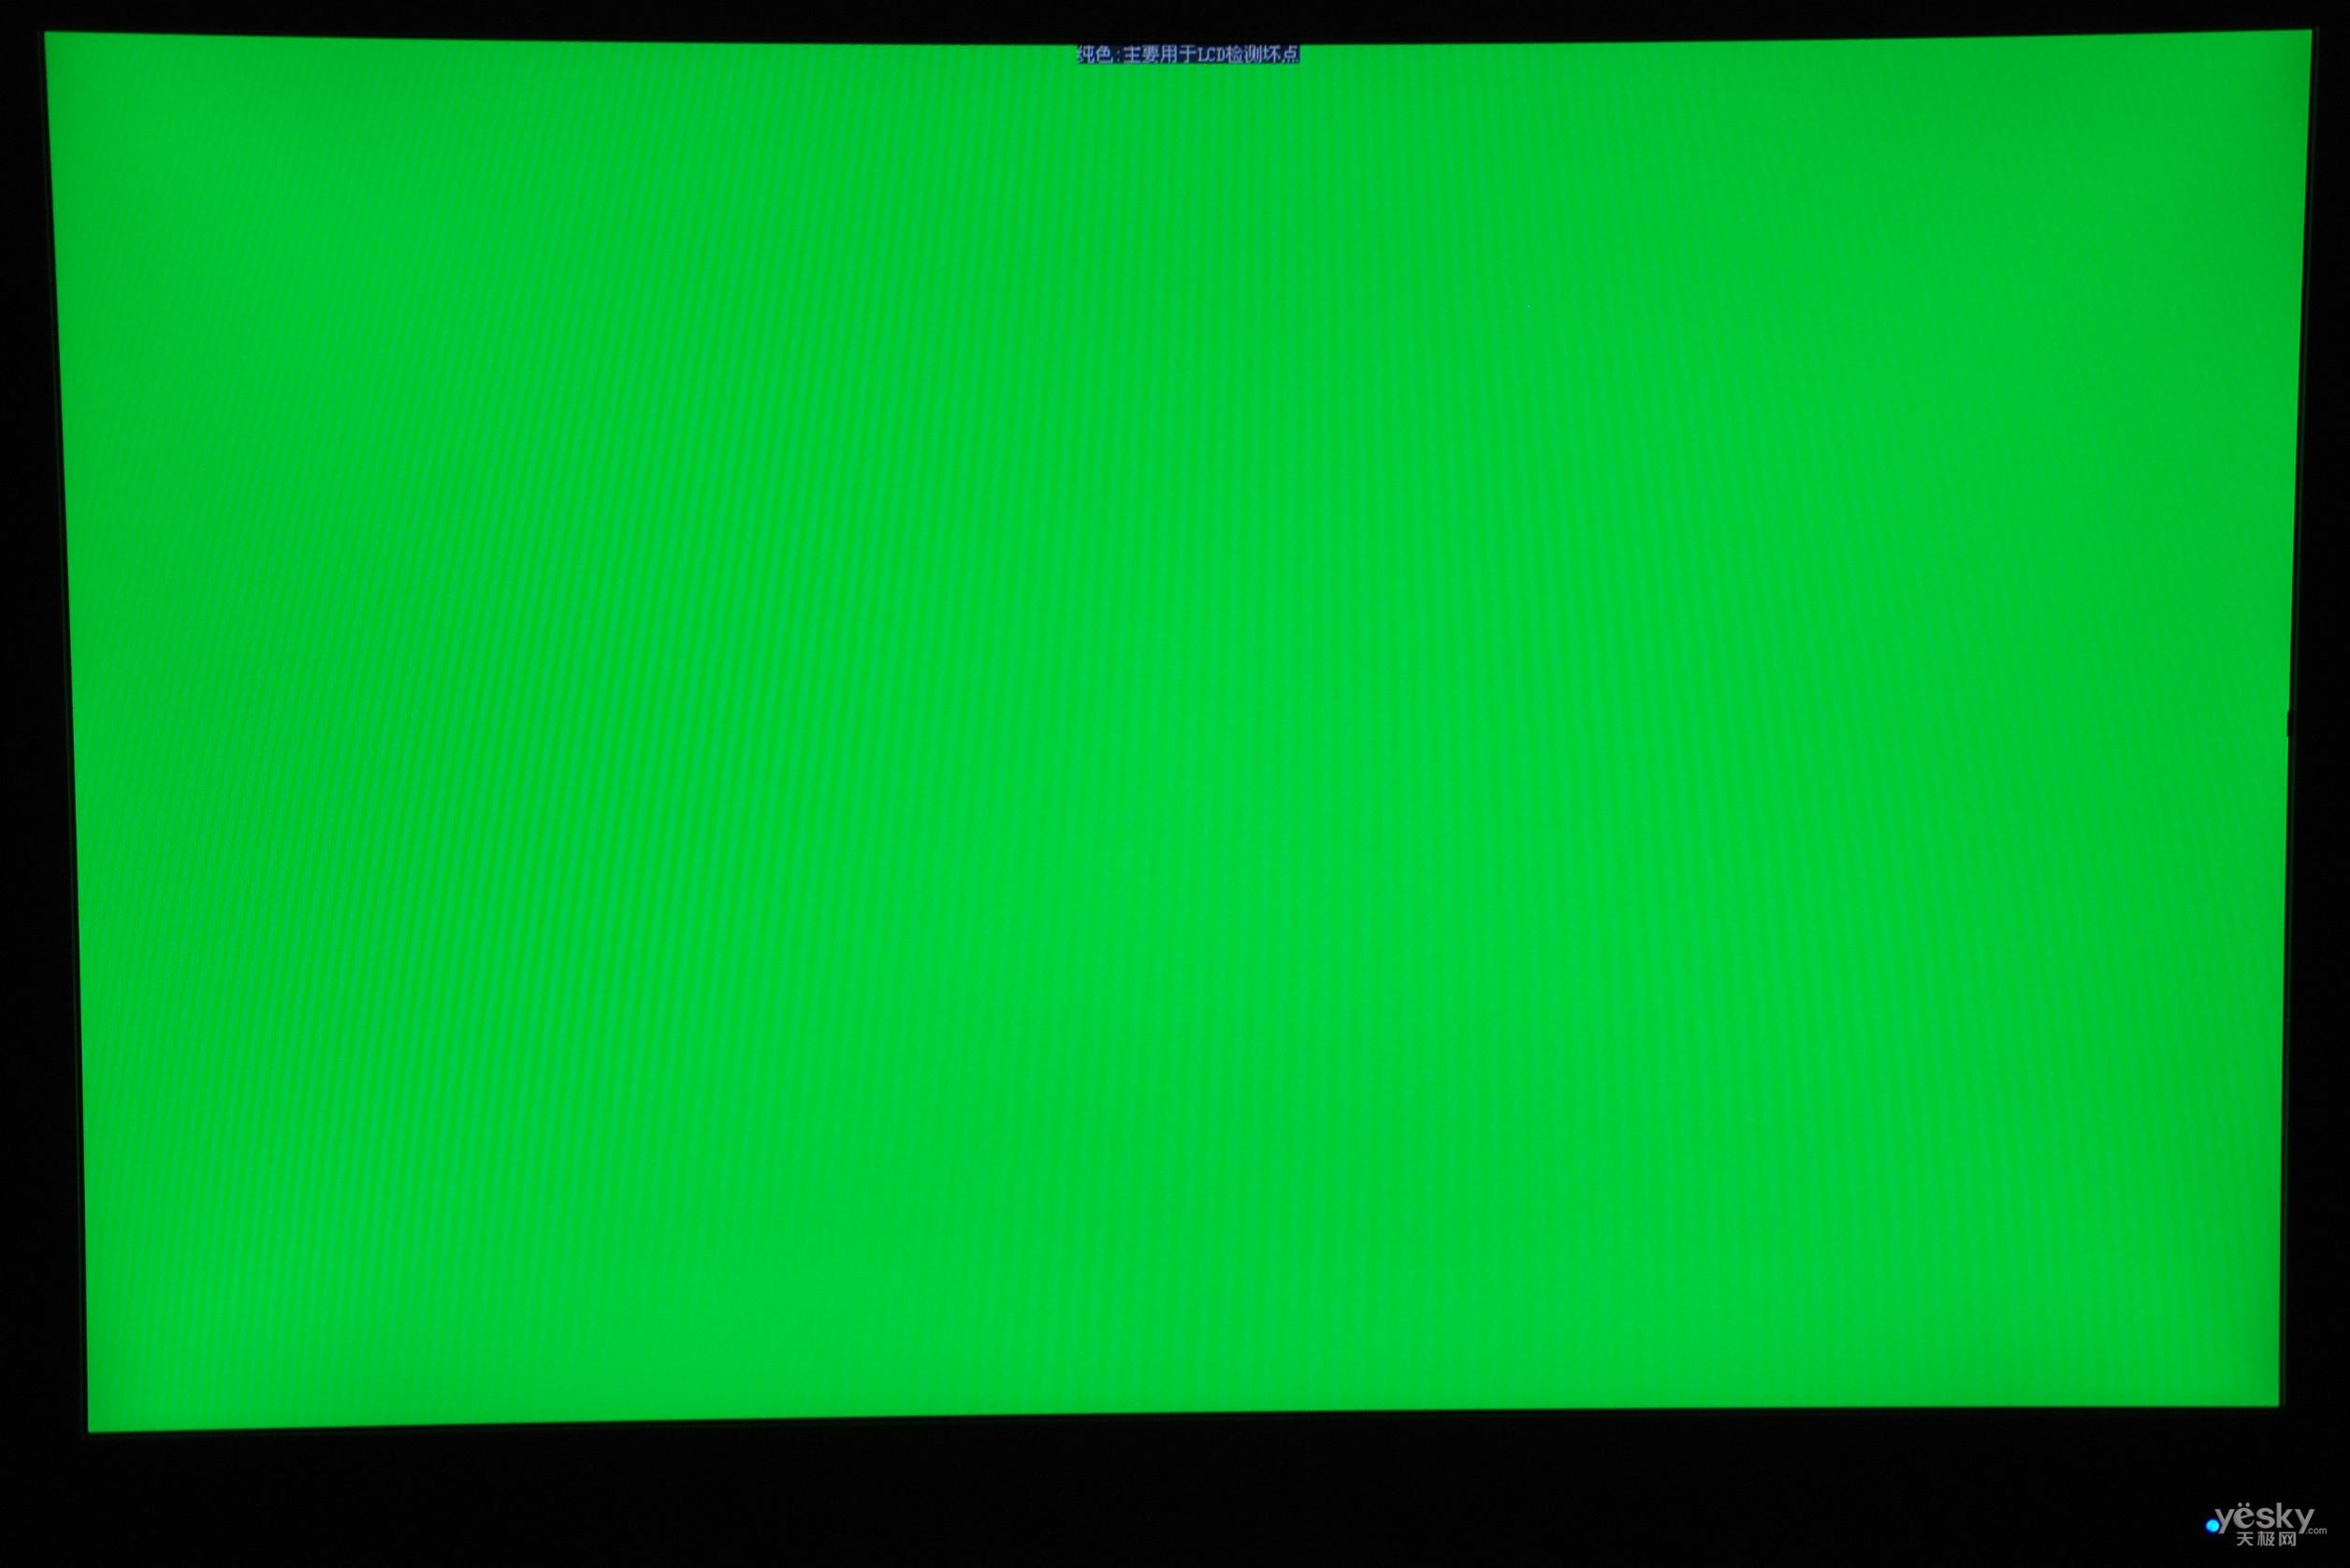 液晶显示器纯色测试 三原色 绿色 重返lcd市场 neso高清图片